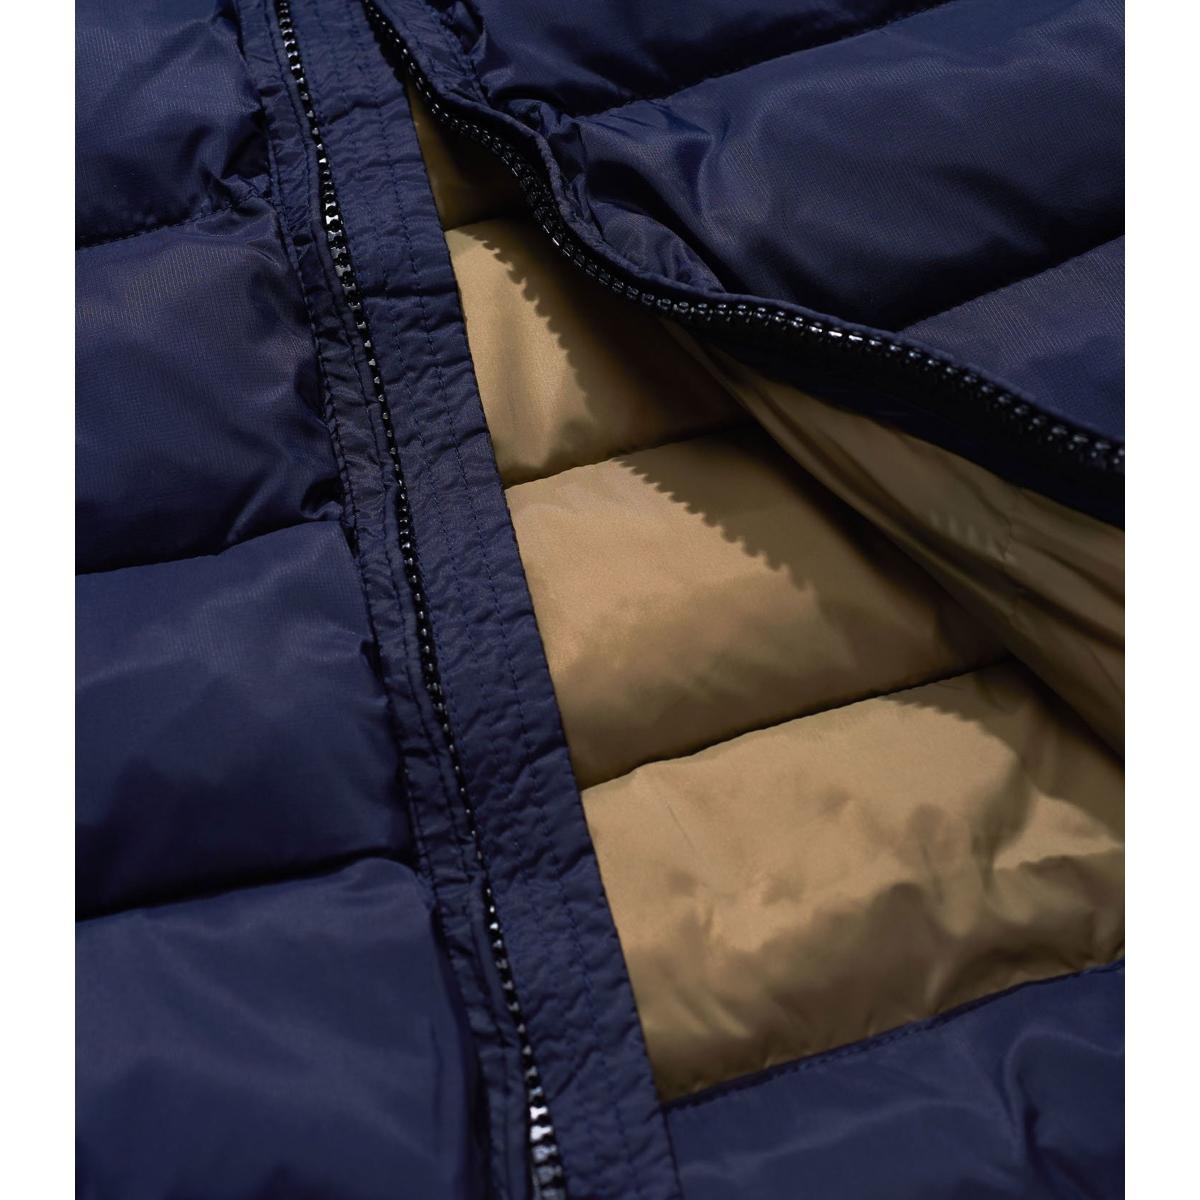 Giubbotto uomo Blauer USA con cappuccio in nylon rif. 18WBLUC02108 005052